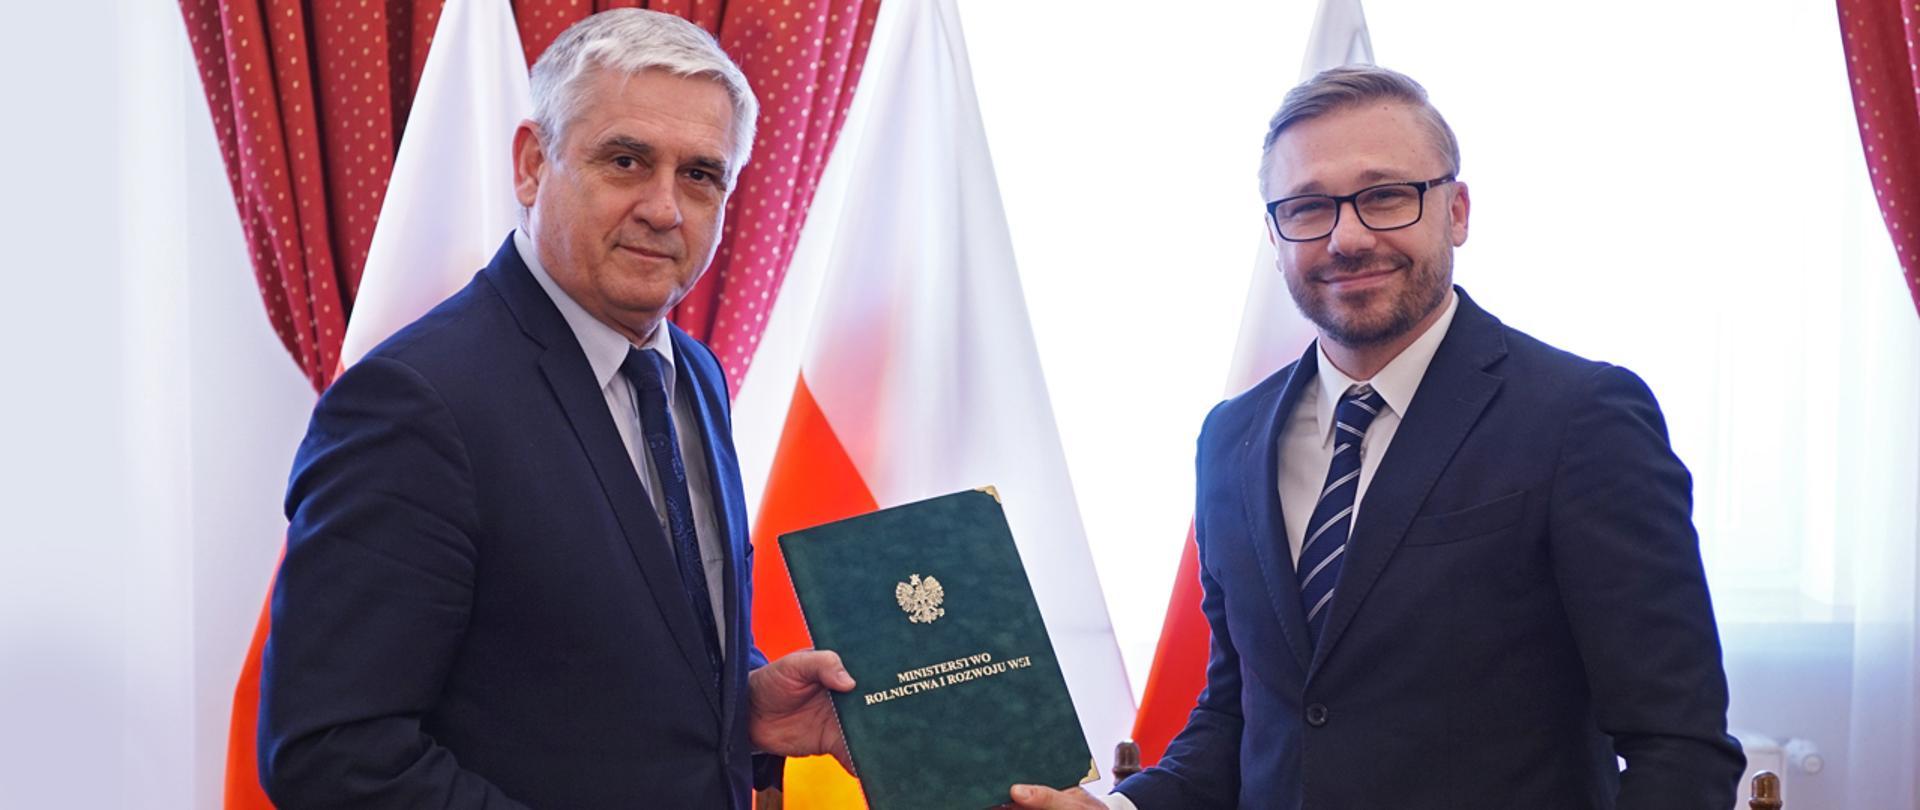 Podsekretarz stanu J. Białkowski wręcza porozumienie przejęcia szkoły